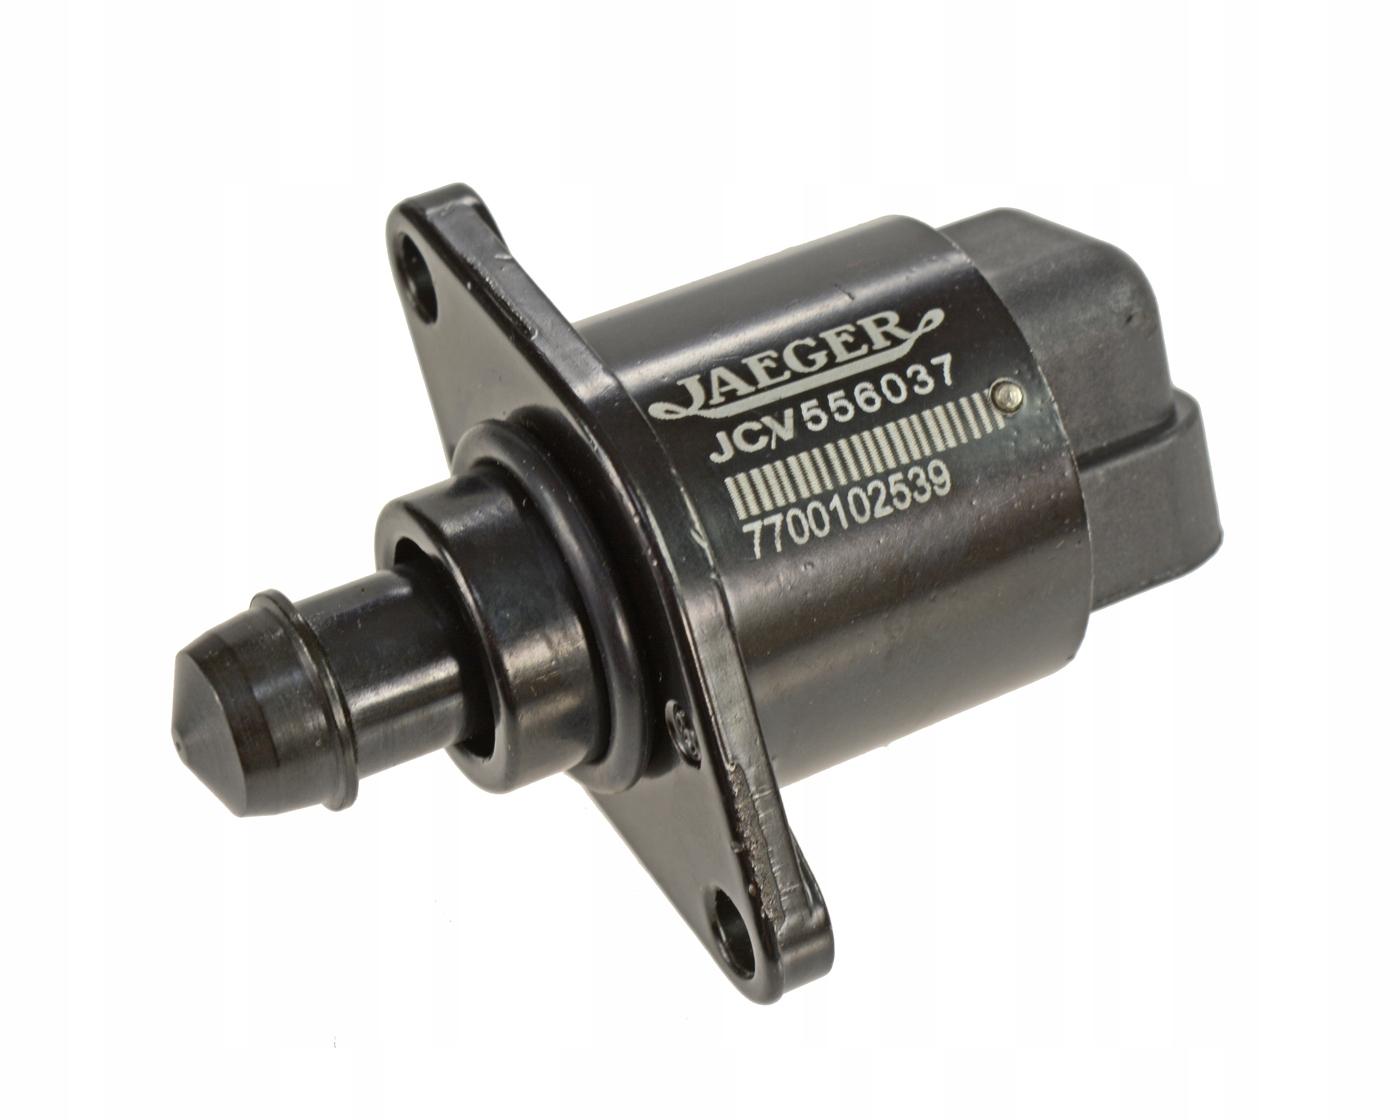 двигатель шаговый b28 16 18 16v renault оригинал